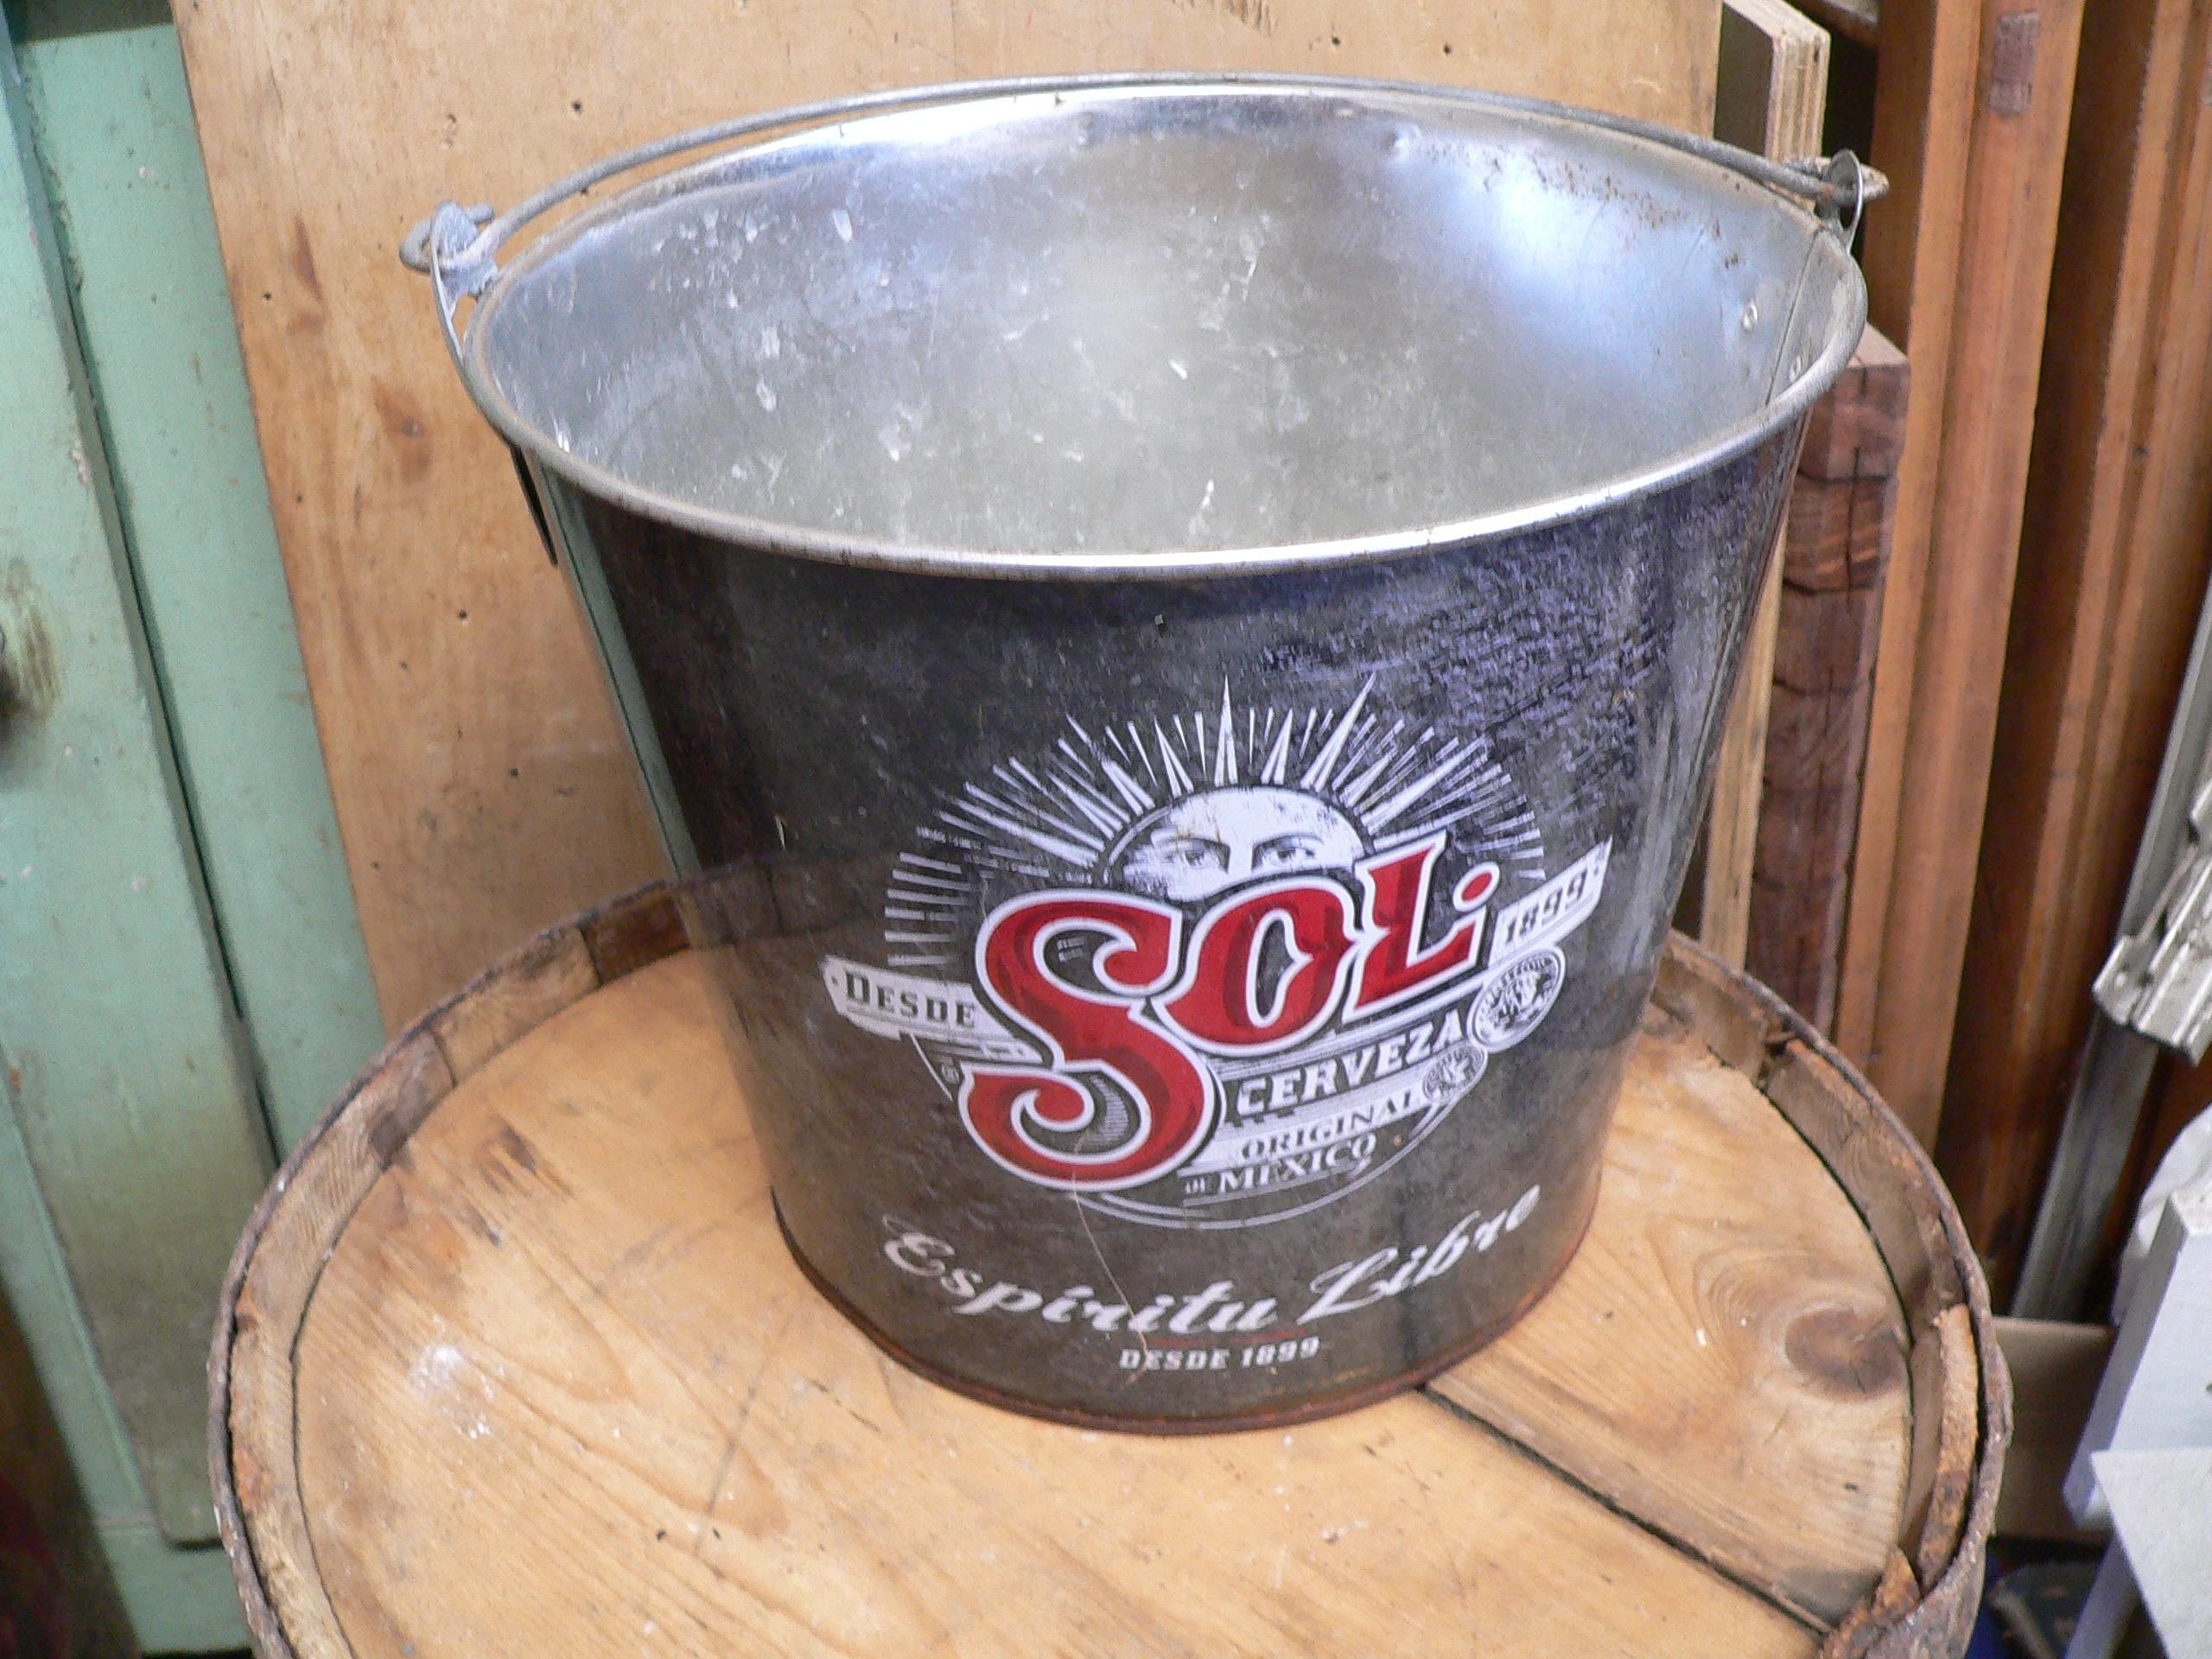 Chaudière bière sol # 6682.4